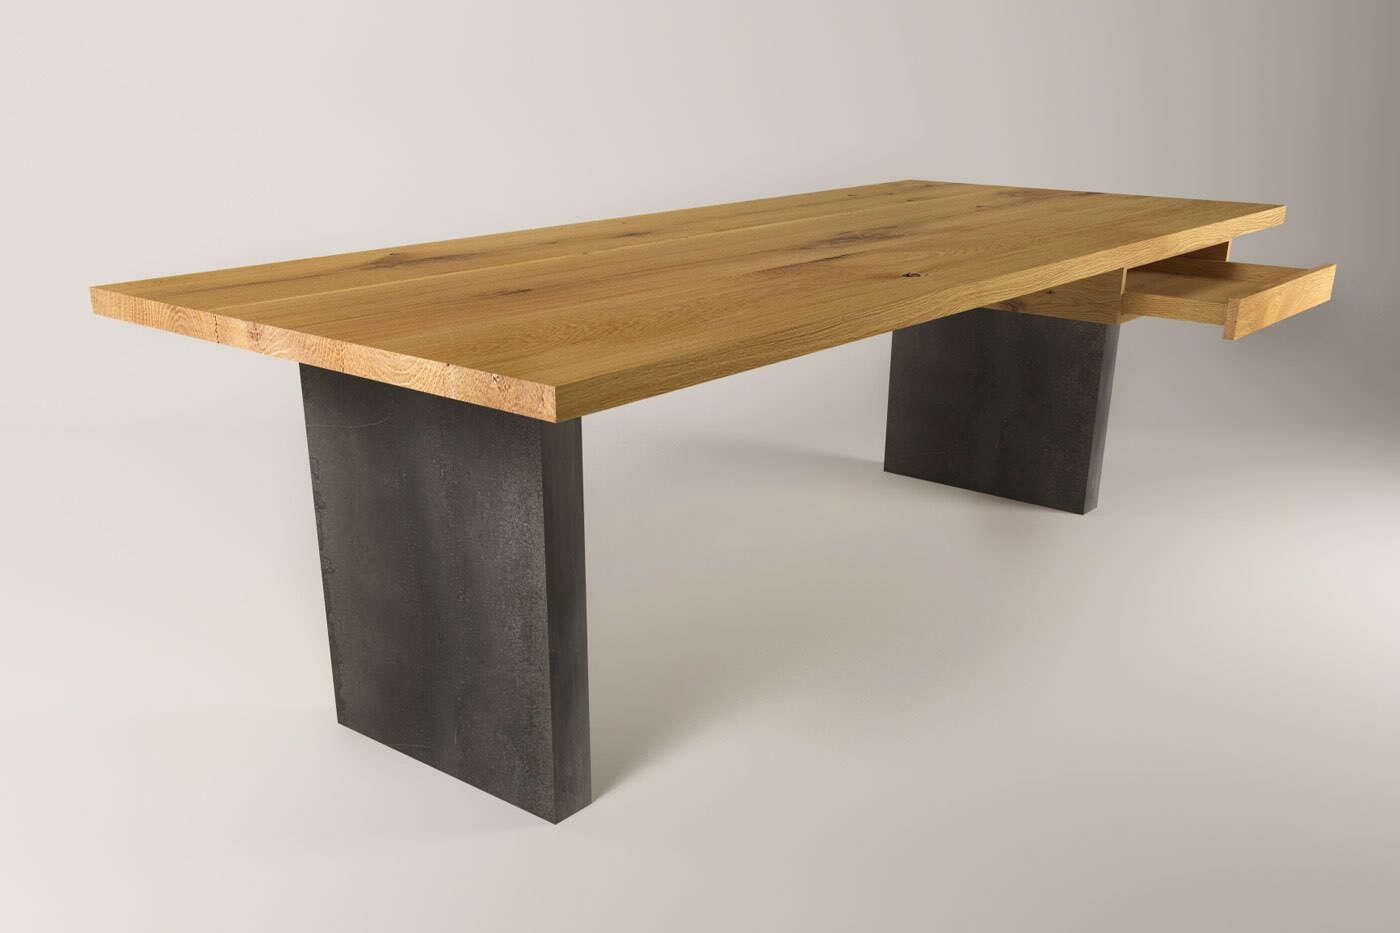 ... Schreibtisch Holz Massiv Selber Bauen ~ Massivholz Schreibtische Auf  Maß Wohnsektion ...